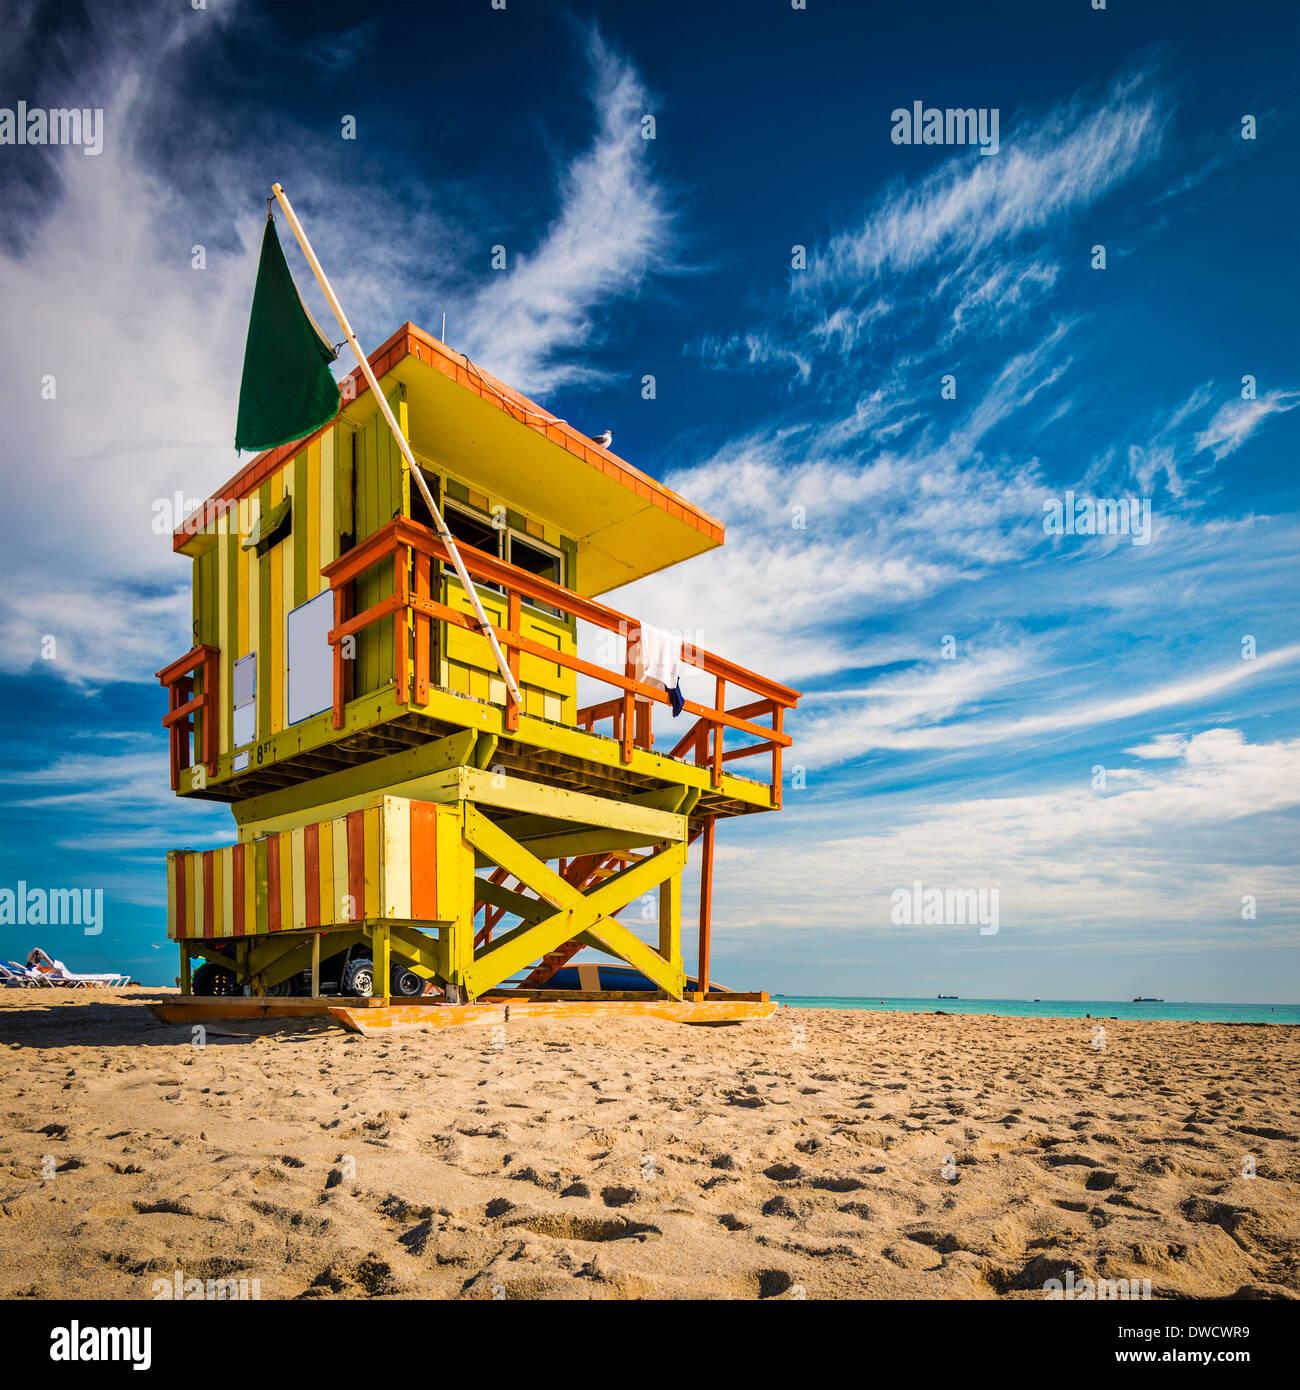 Miami, Florida a Miami Beach in corrispondenza di un bagnino torre. Immagini Stock